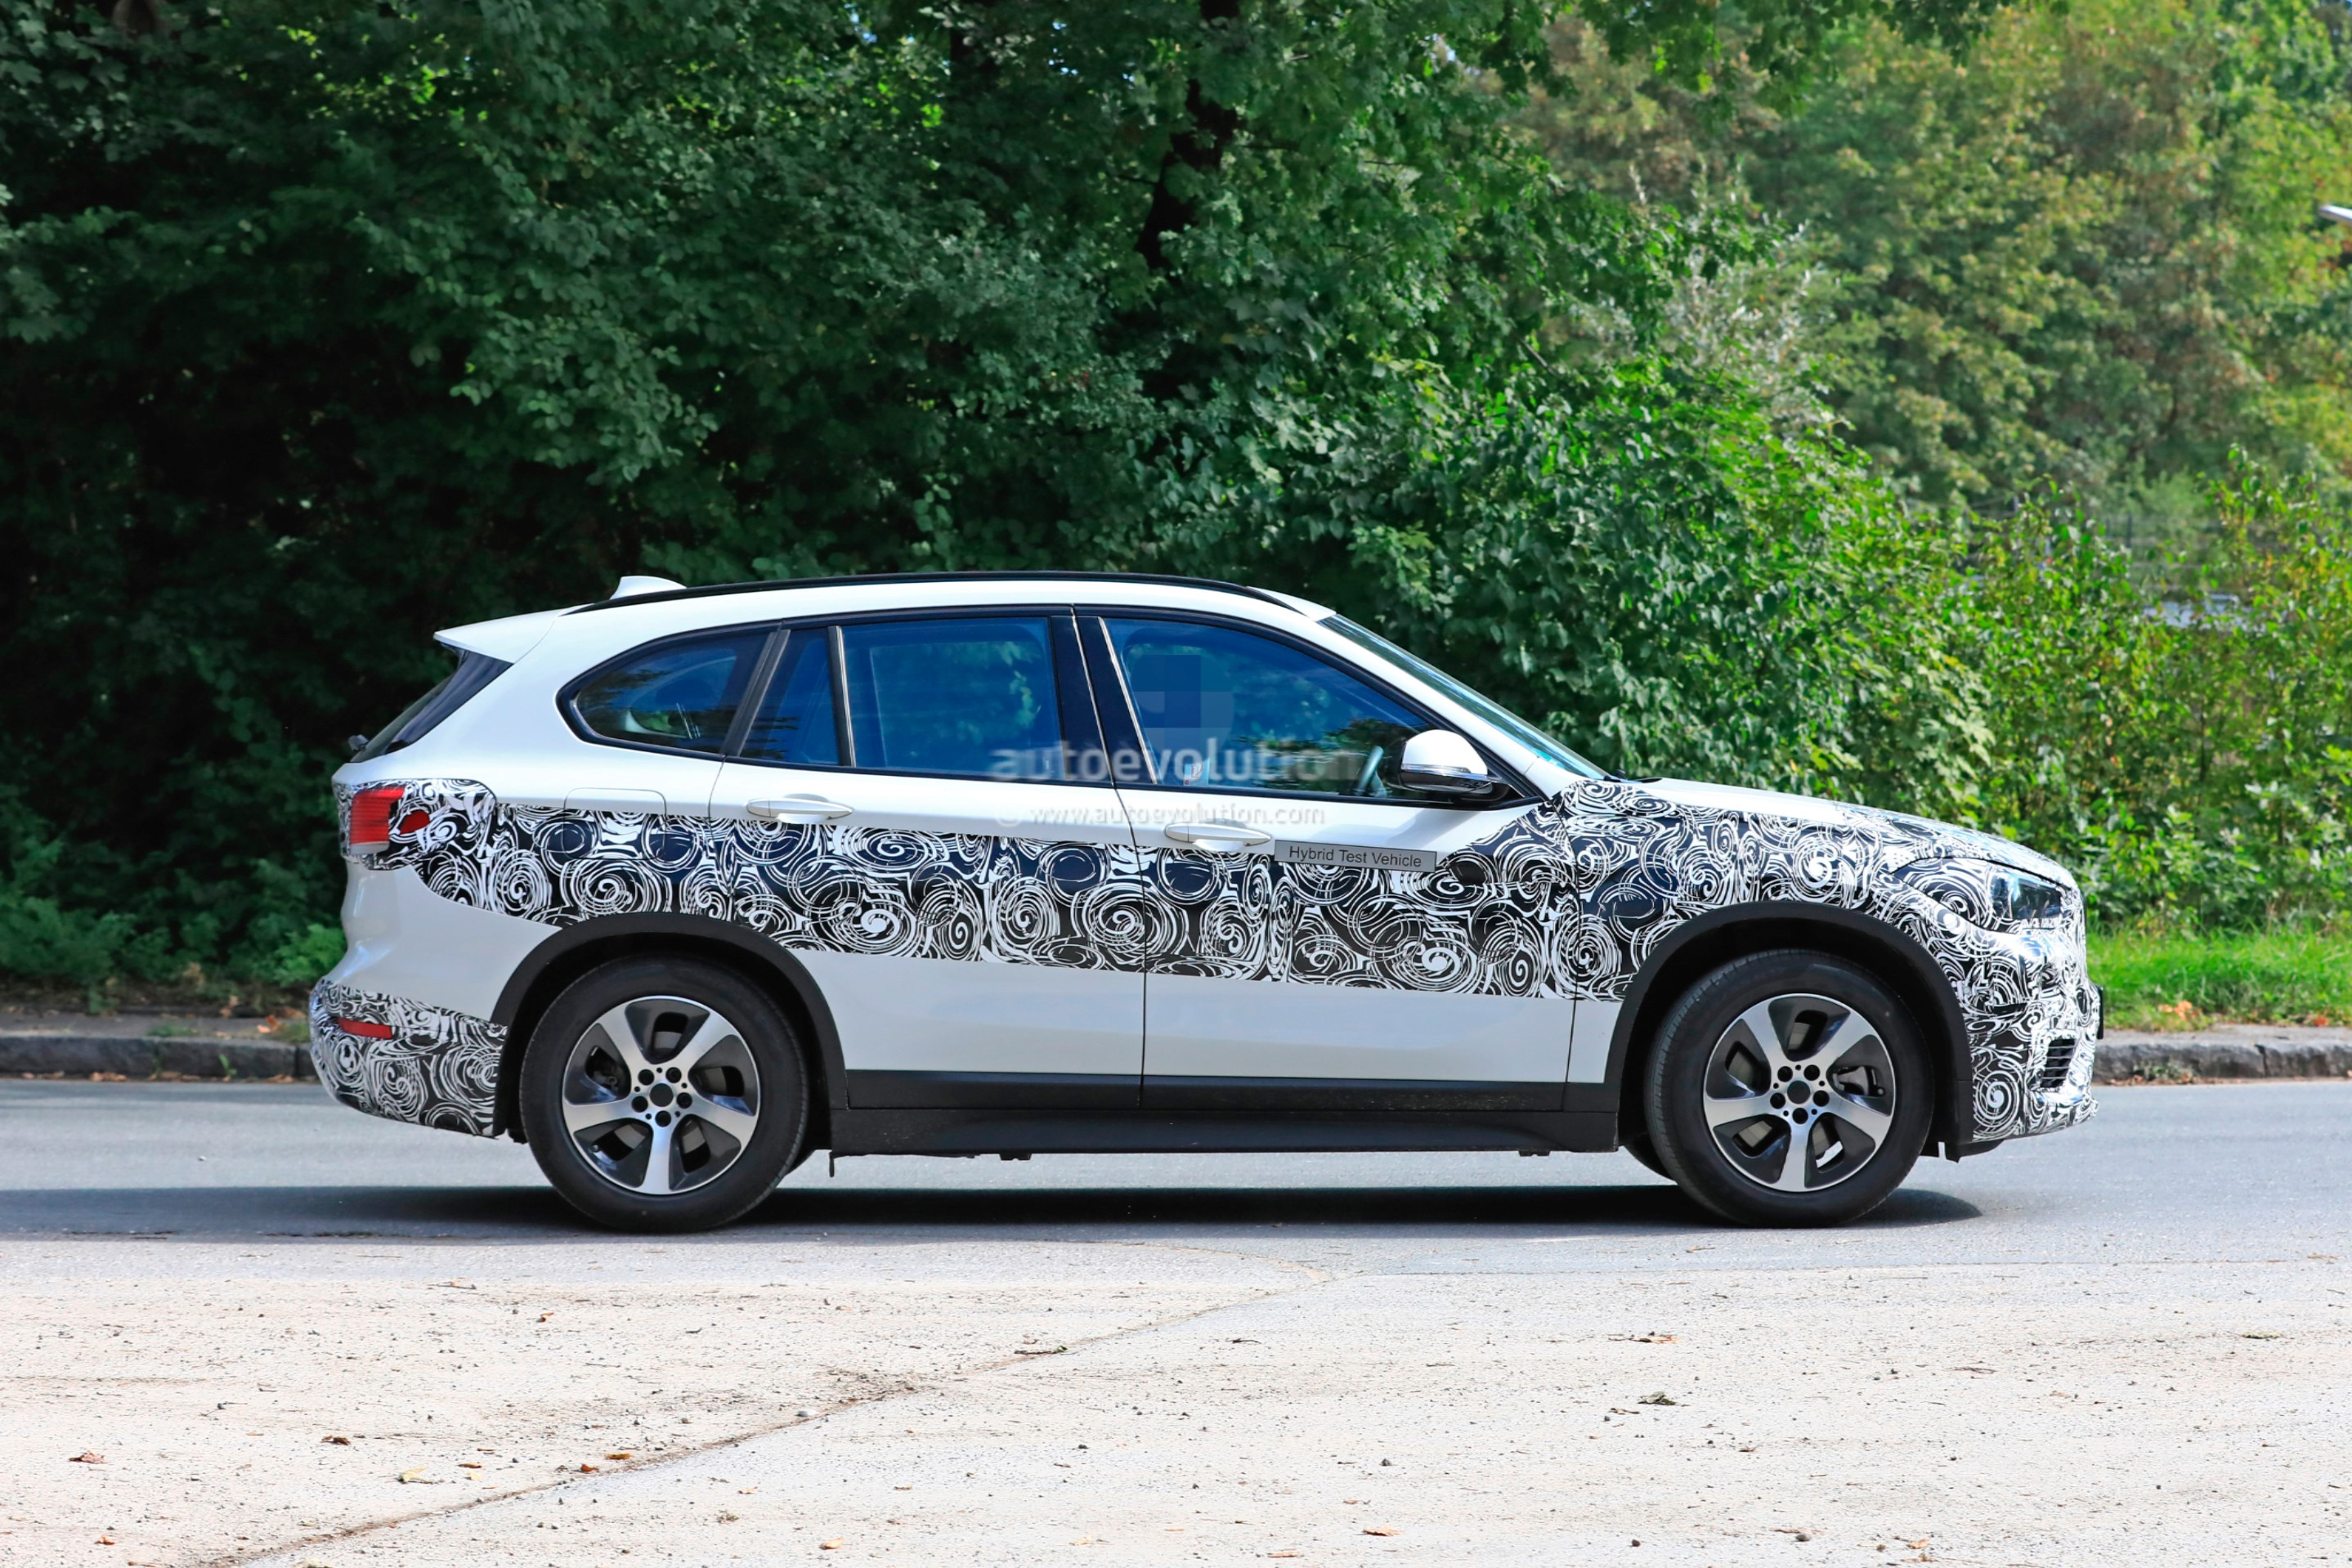 2020 BMW X1 xDrive 25e iPerformance Spied With Eco-Friendly